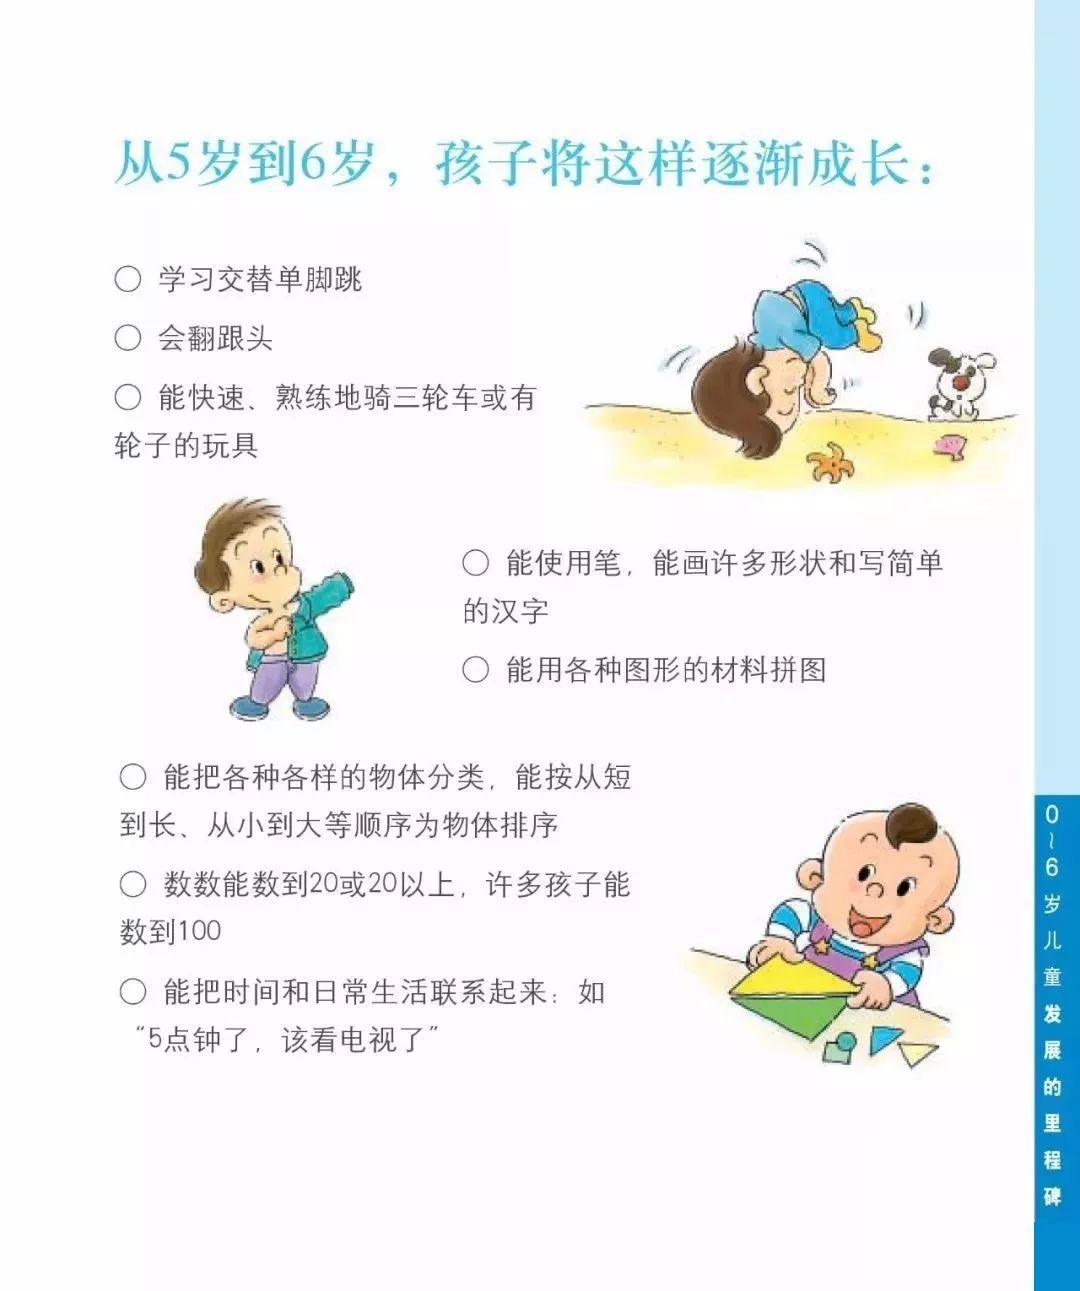 5-6岁宝宝成长过程